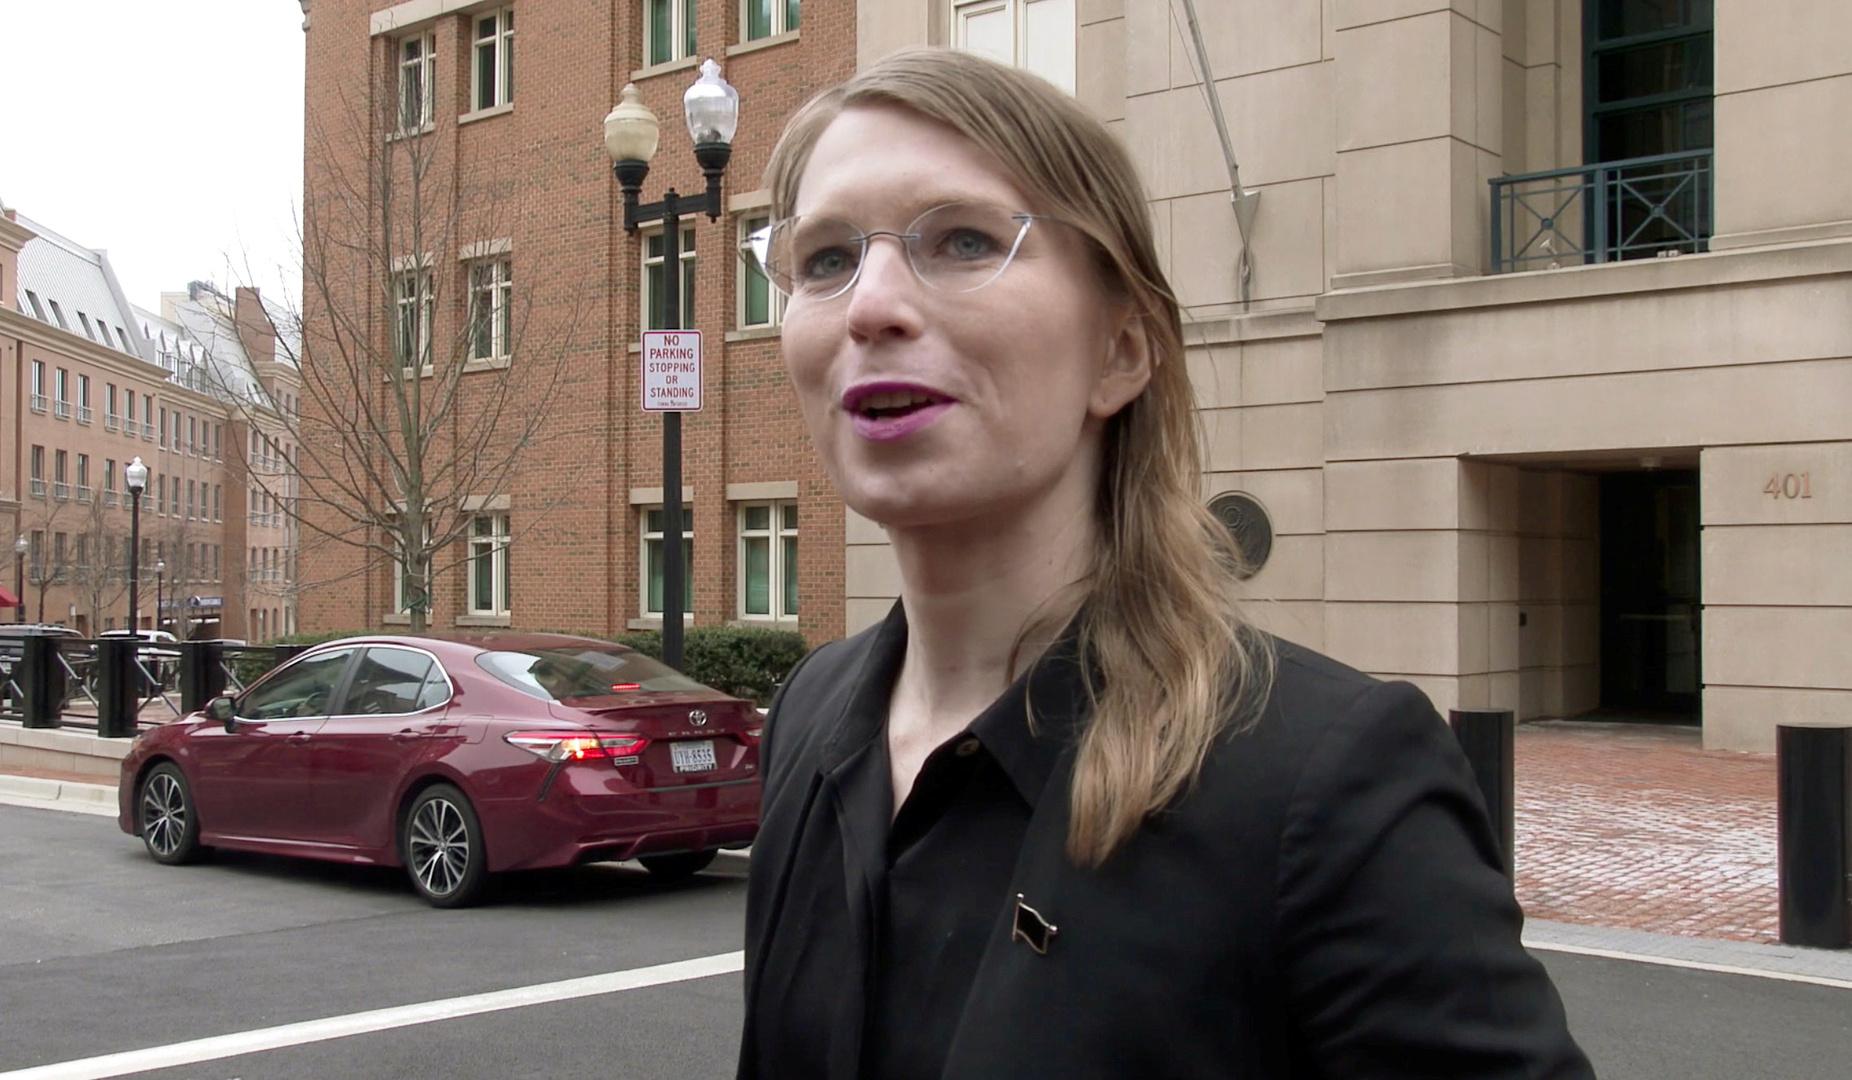 بعد محاولتها الانتحار.. القضاء الأمريكي يطلق سراح مخبرة